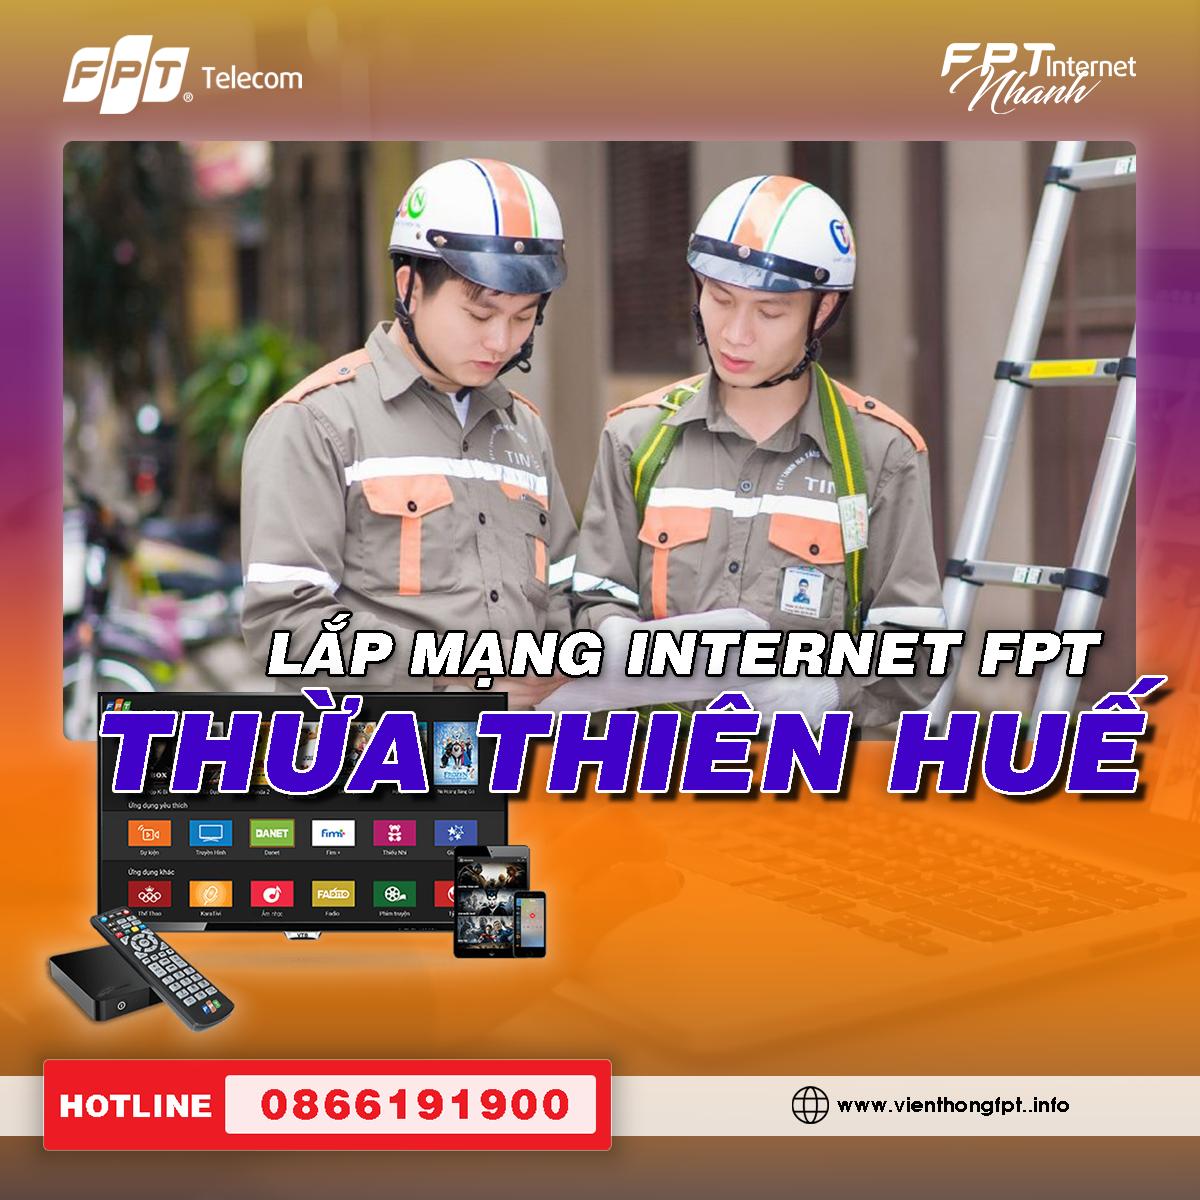 Đăng ký Internet FPT Thừa Thiên Huế - Miễn phí hòa mạng - Tặng 2 tháng cước